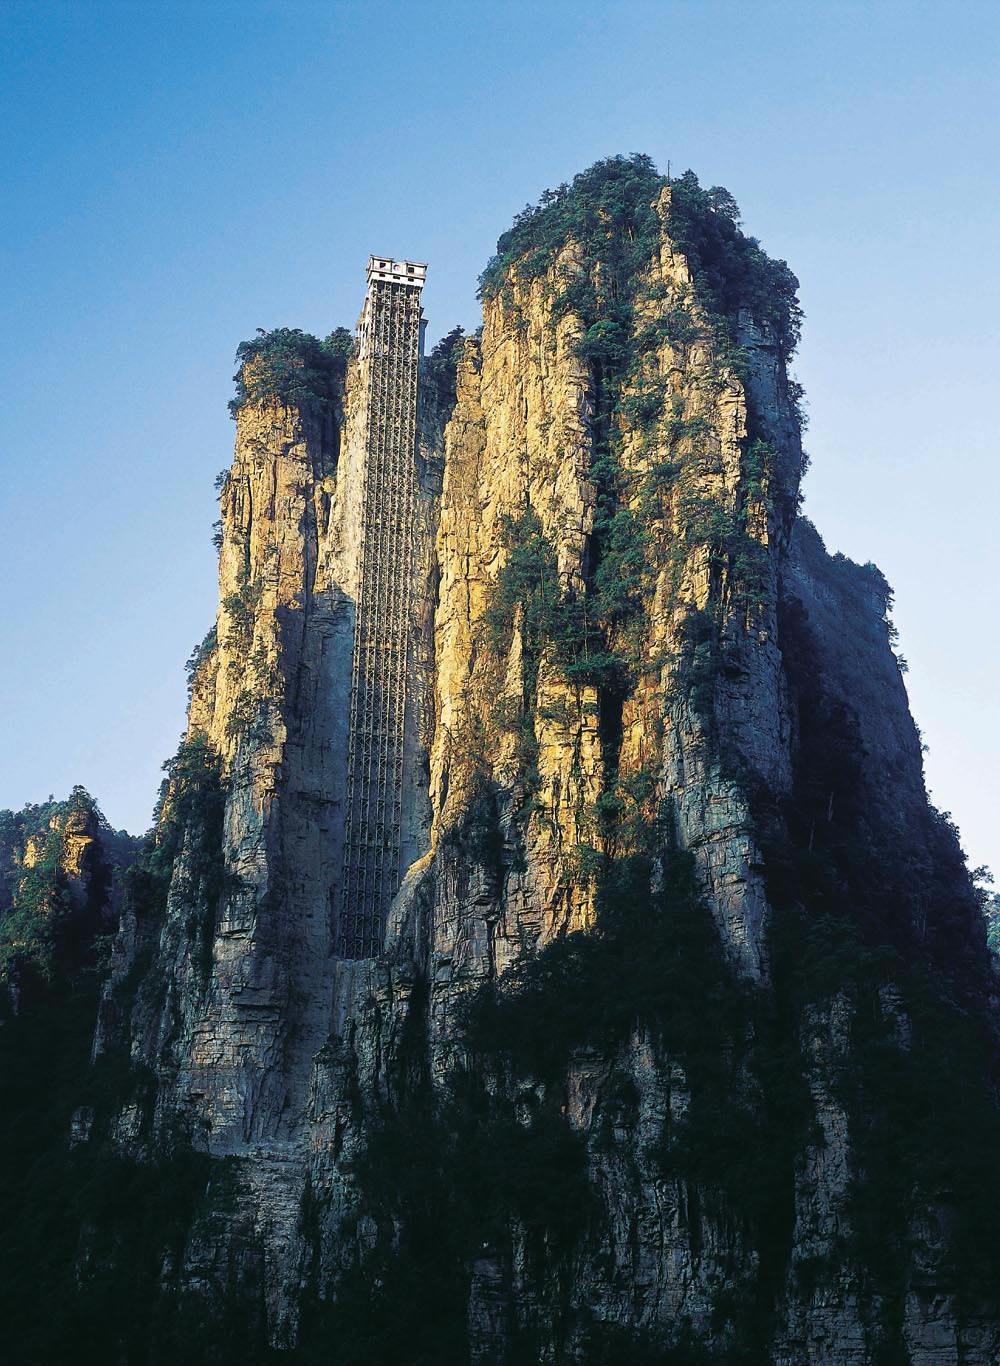 百龍觀光電梯介紹 - 圖片:迷人的張家界之百龍天梯 - 美景旅遊網